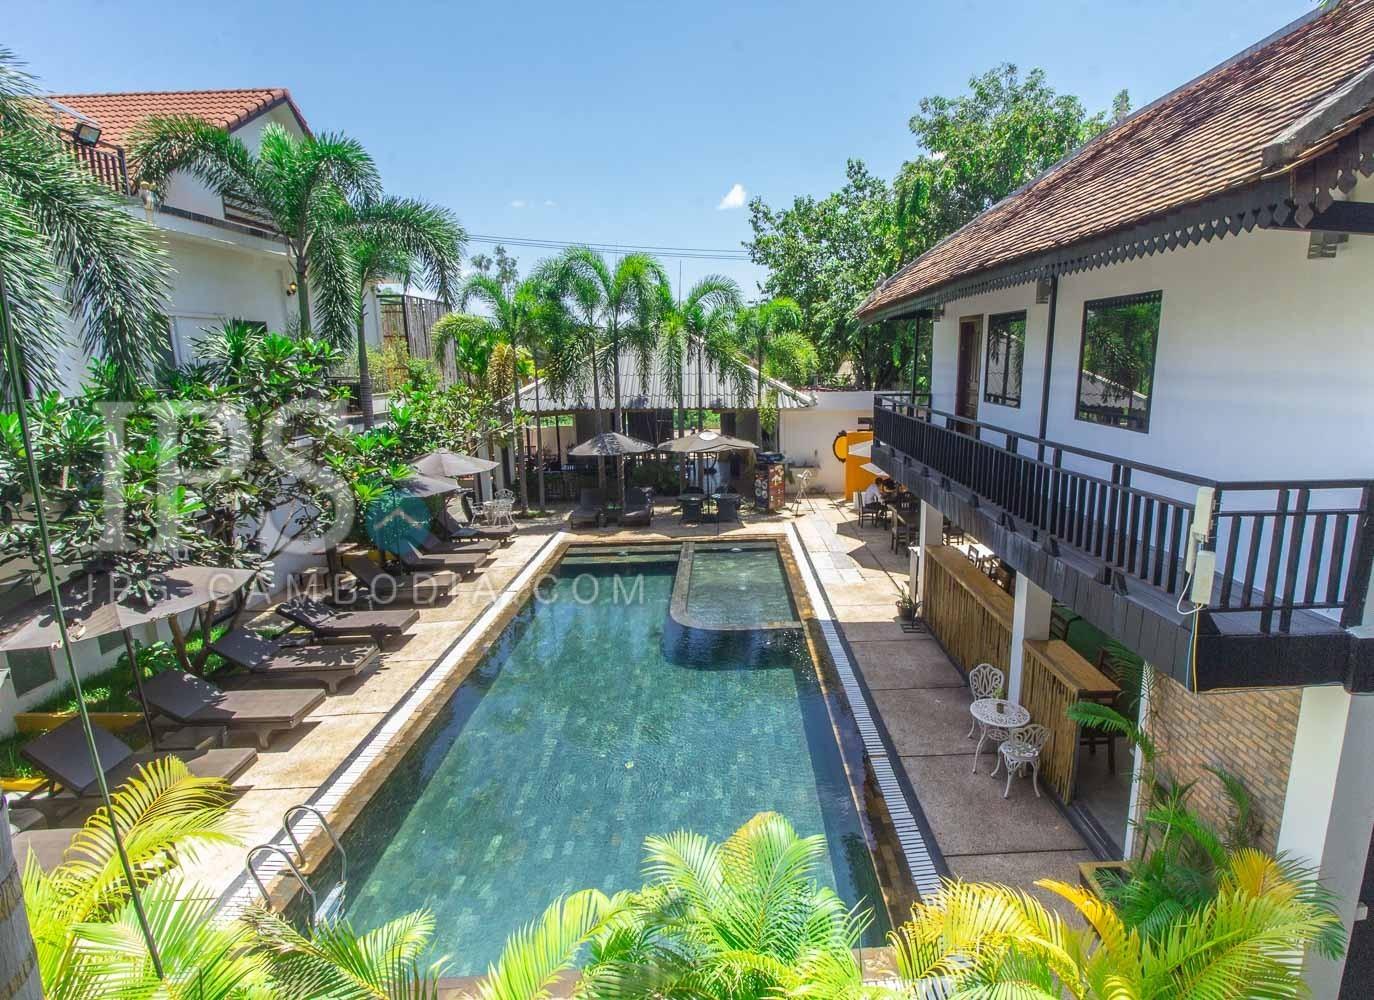 16 Room Boutique Hotel For Sale - Sala Kamreuk, Siem Reap